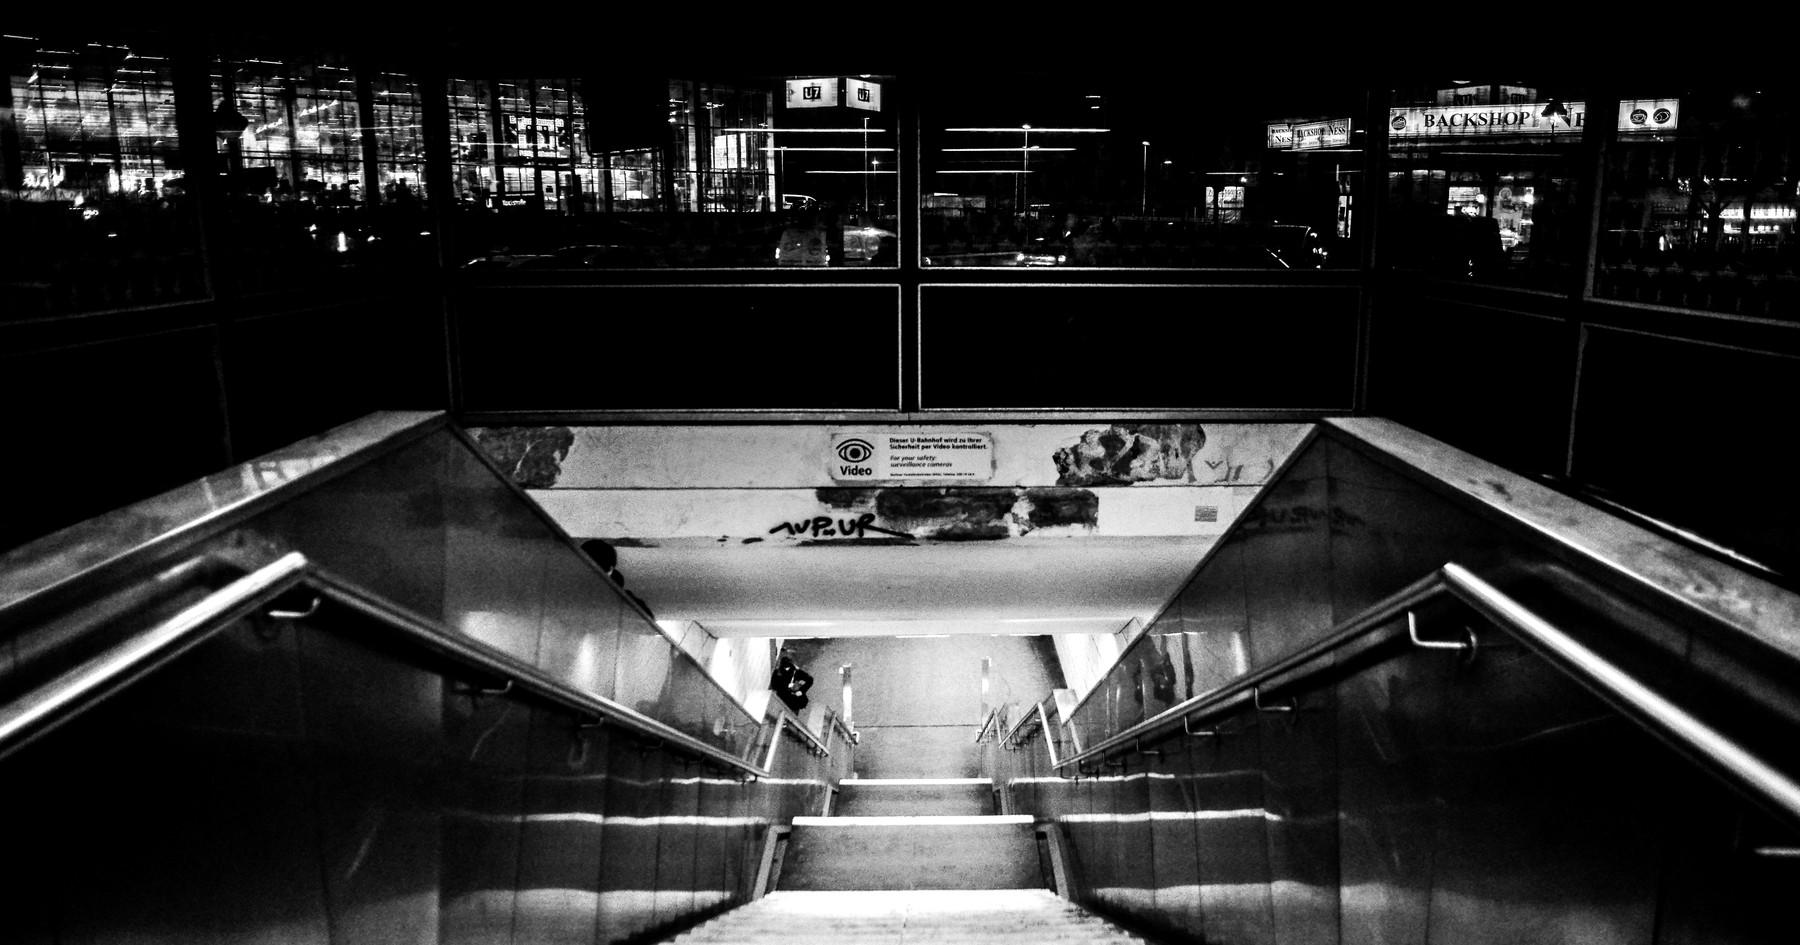 U7 Yorkstraße Entrance, 2017